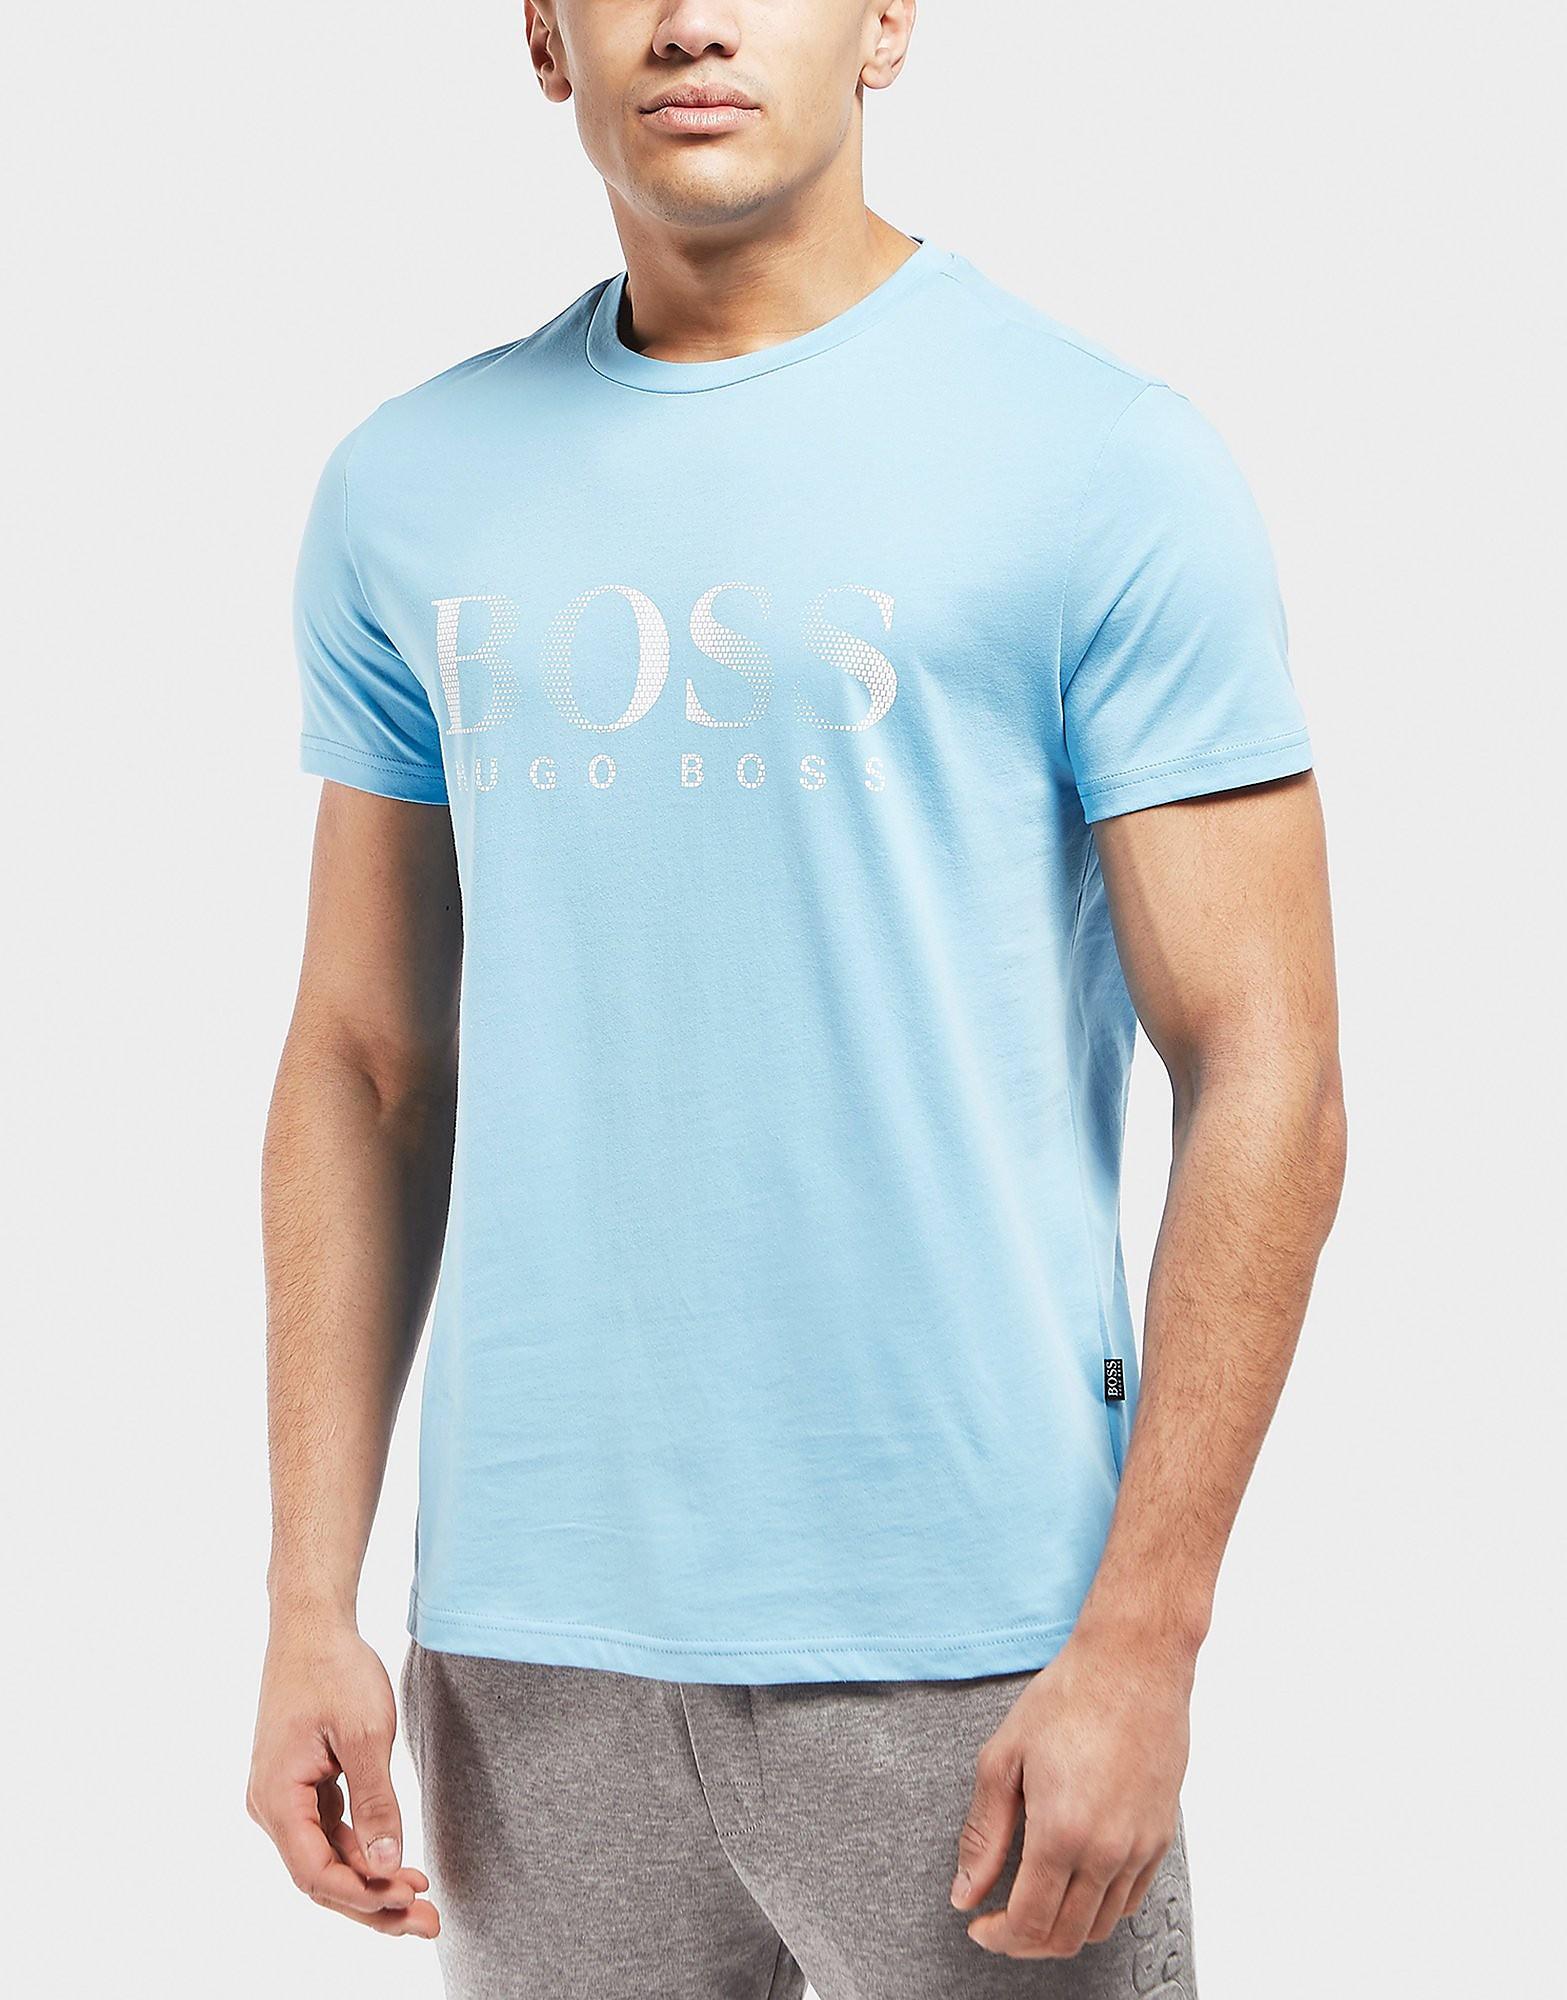 BOSS Logo Crew Short Sleeve T-Shirt